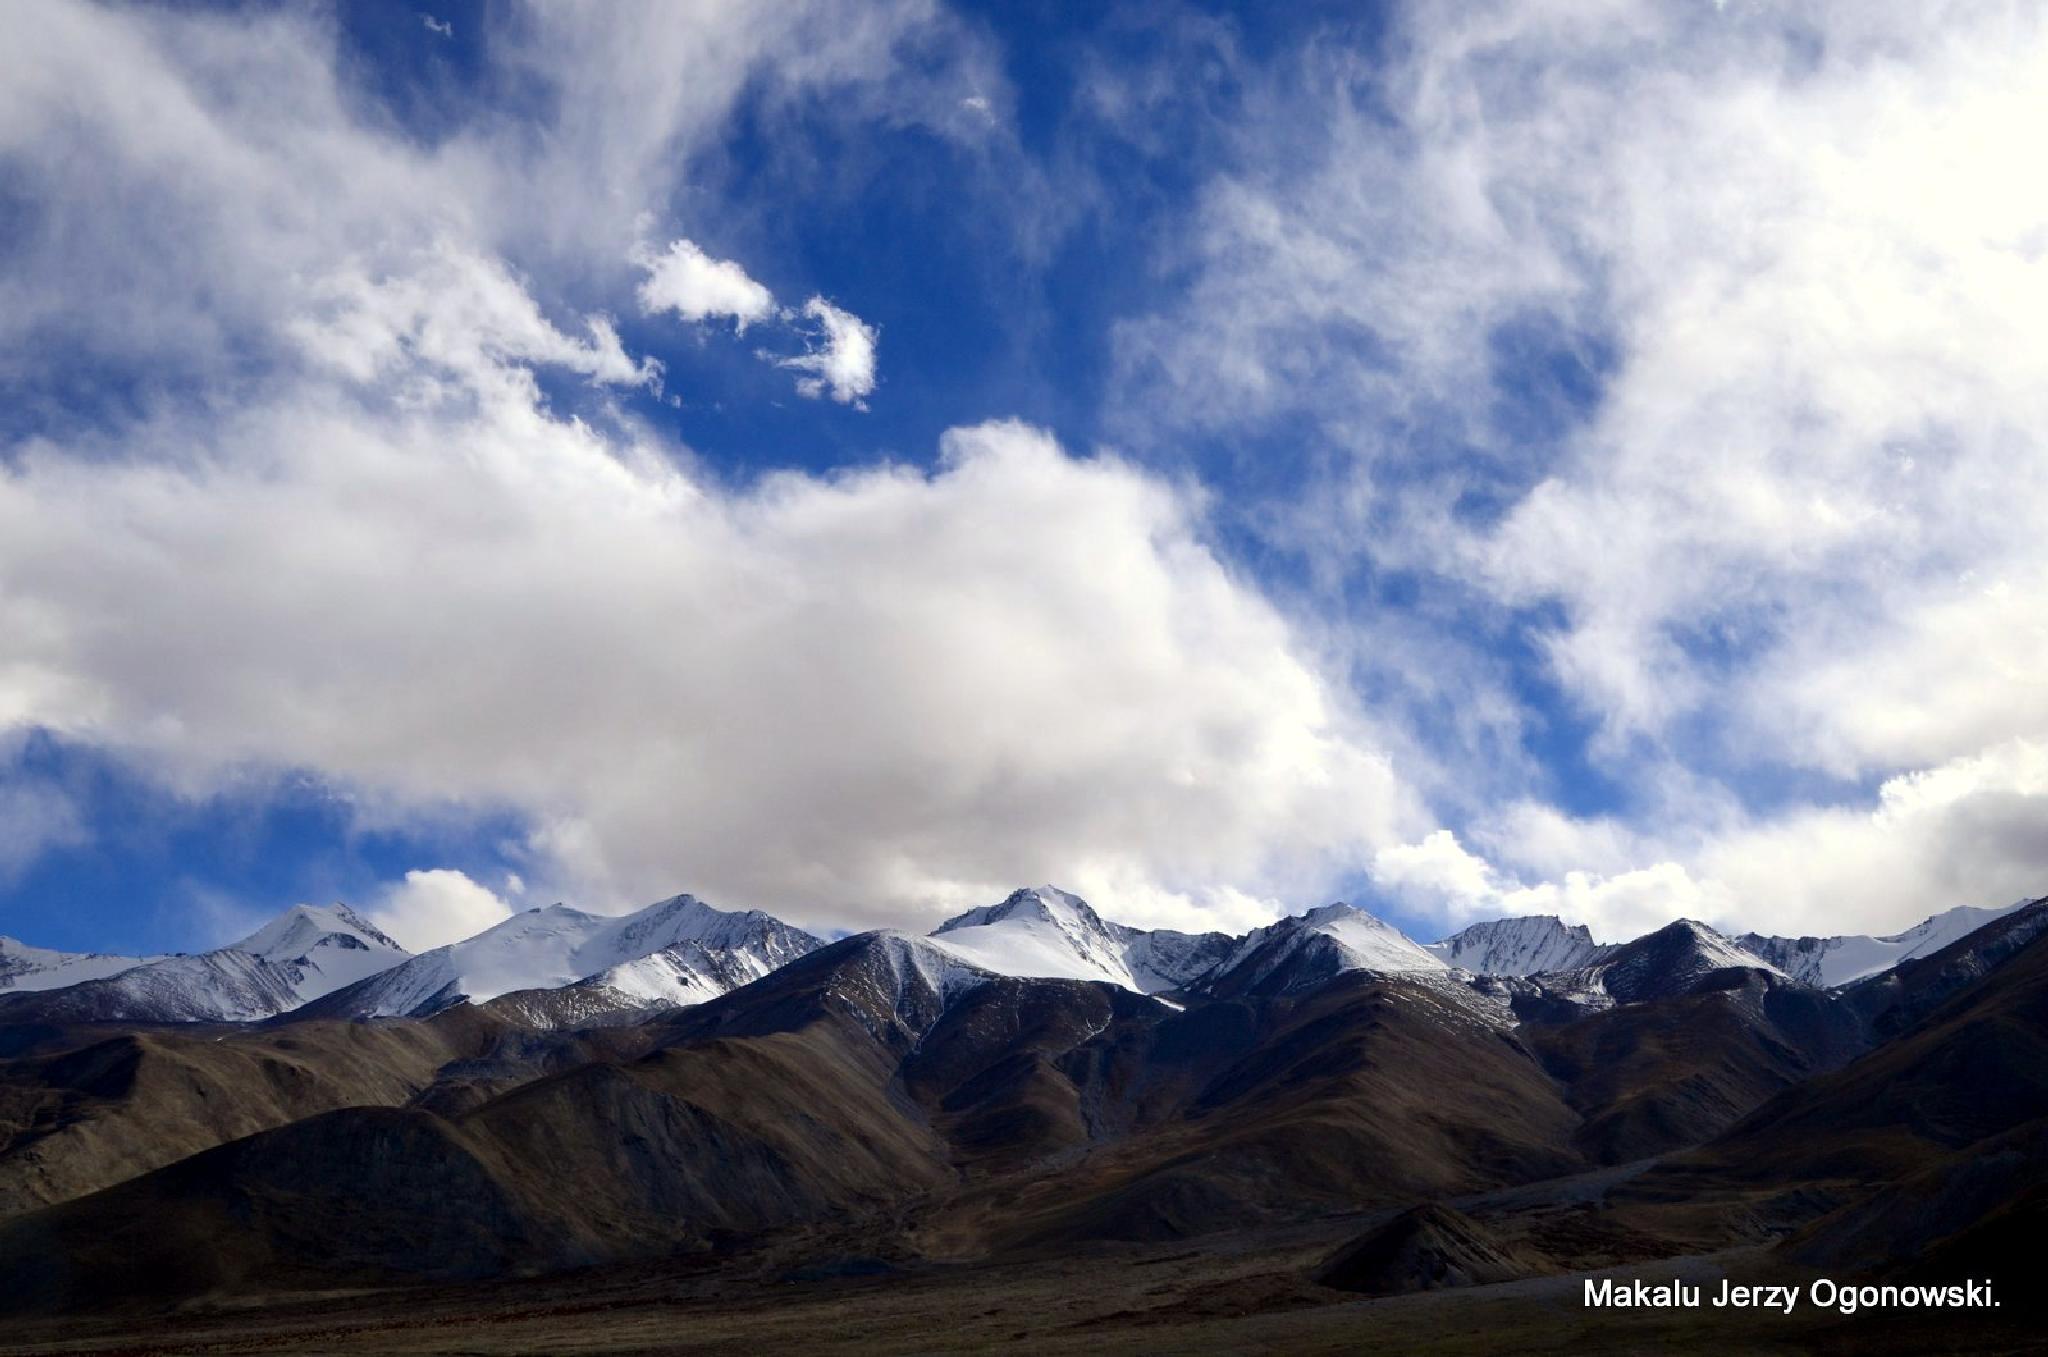 Himalayas by Makalu Jerzy Ogonowski